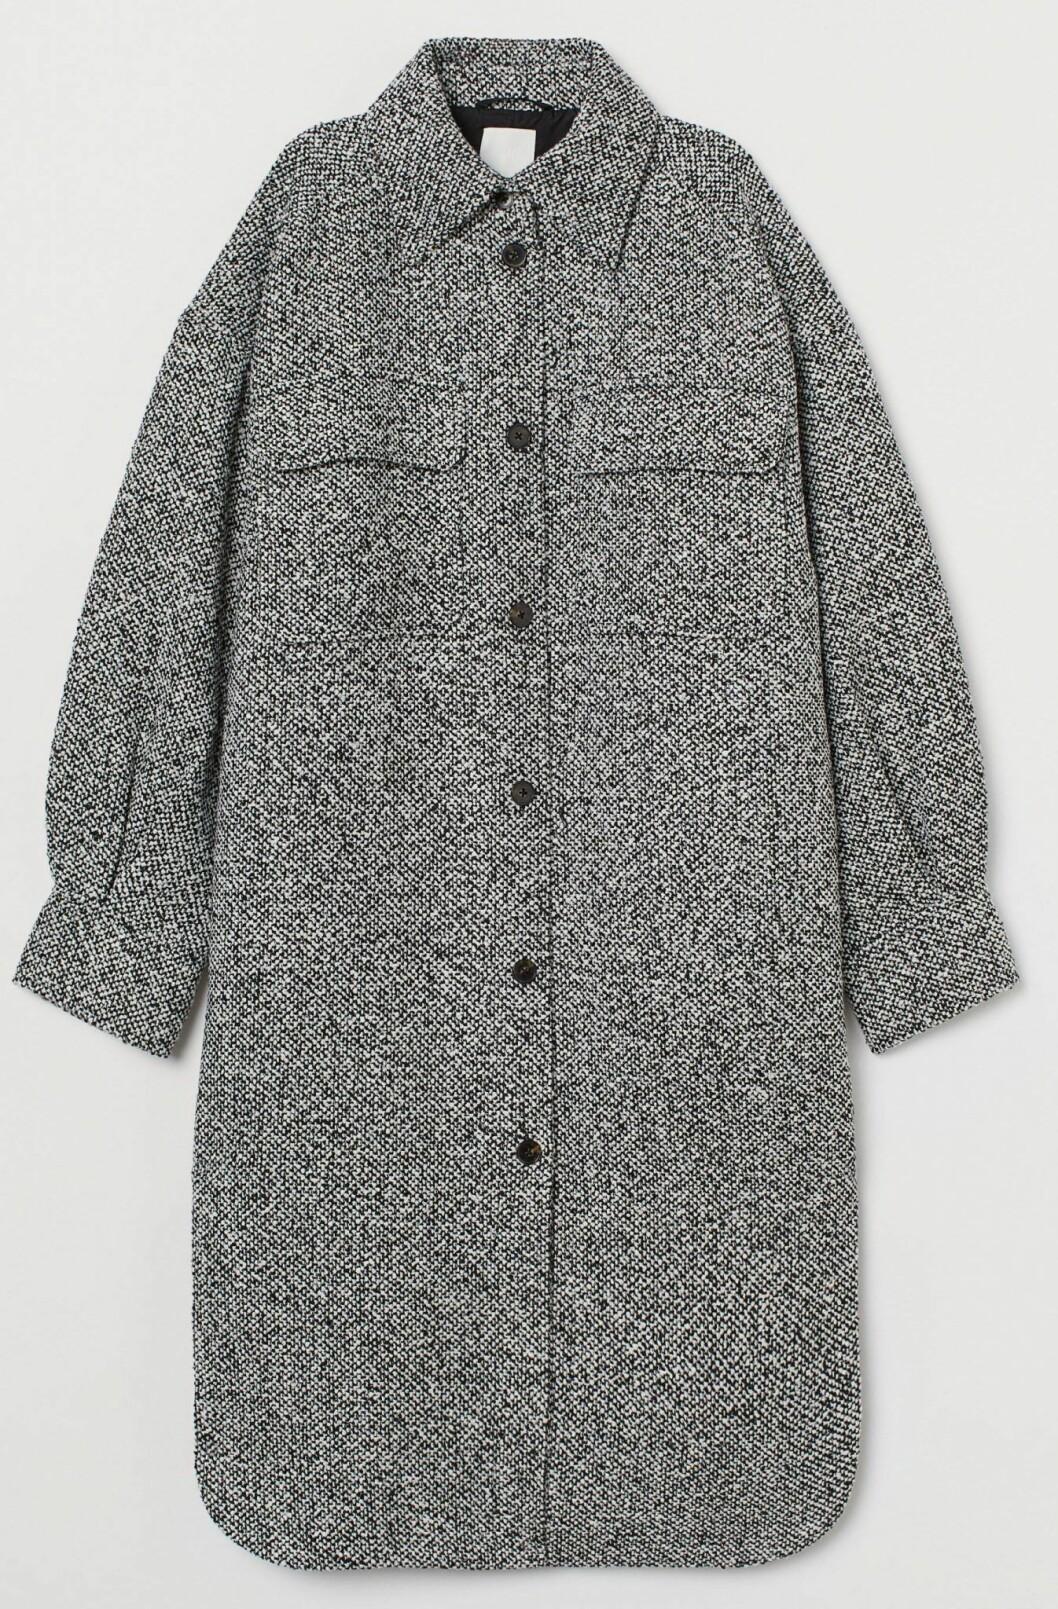 Grå skjortjacka i längre modell från H&M.